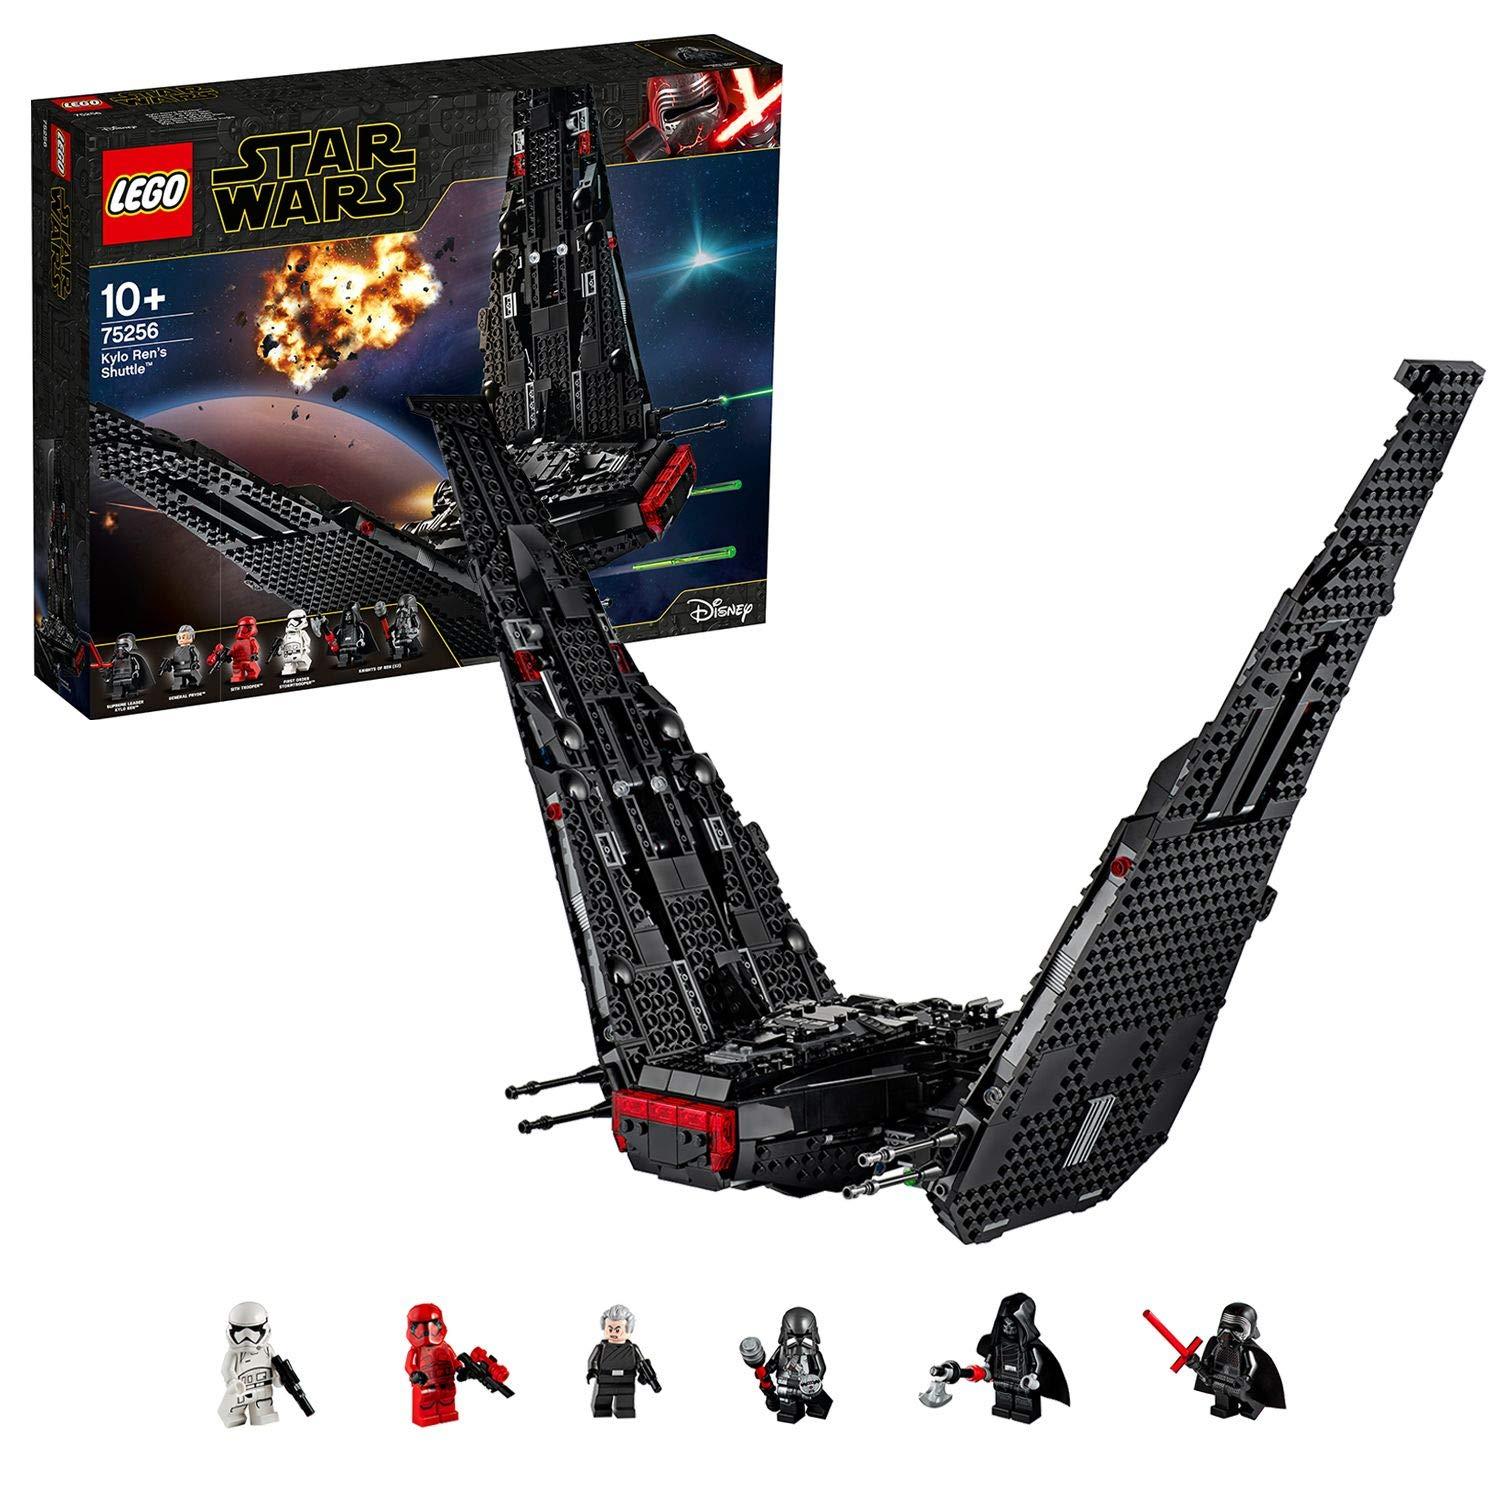 レゴ(LEGO) スター・ウォーズ カイロ・レンのパーソナルシャトル(TM) 75256